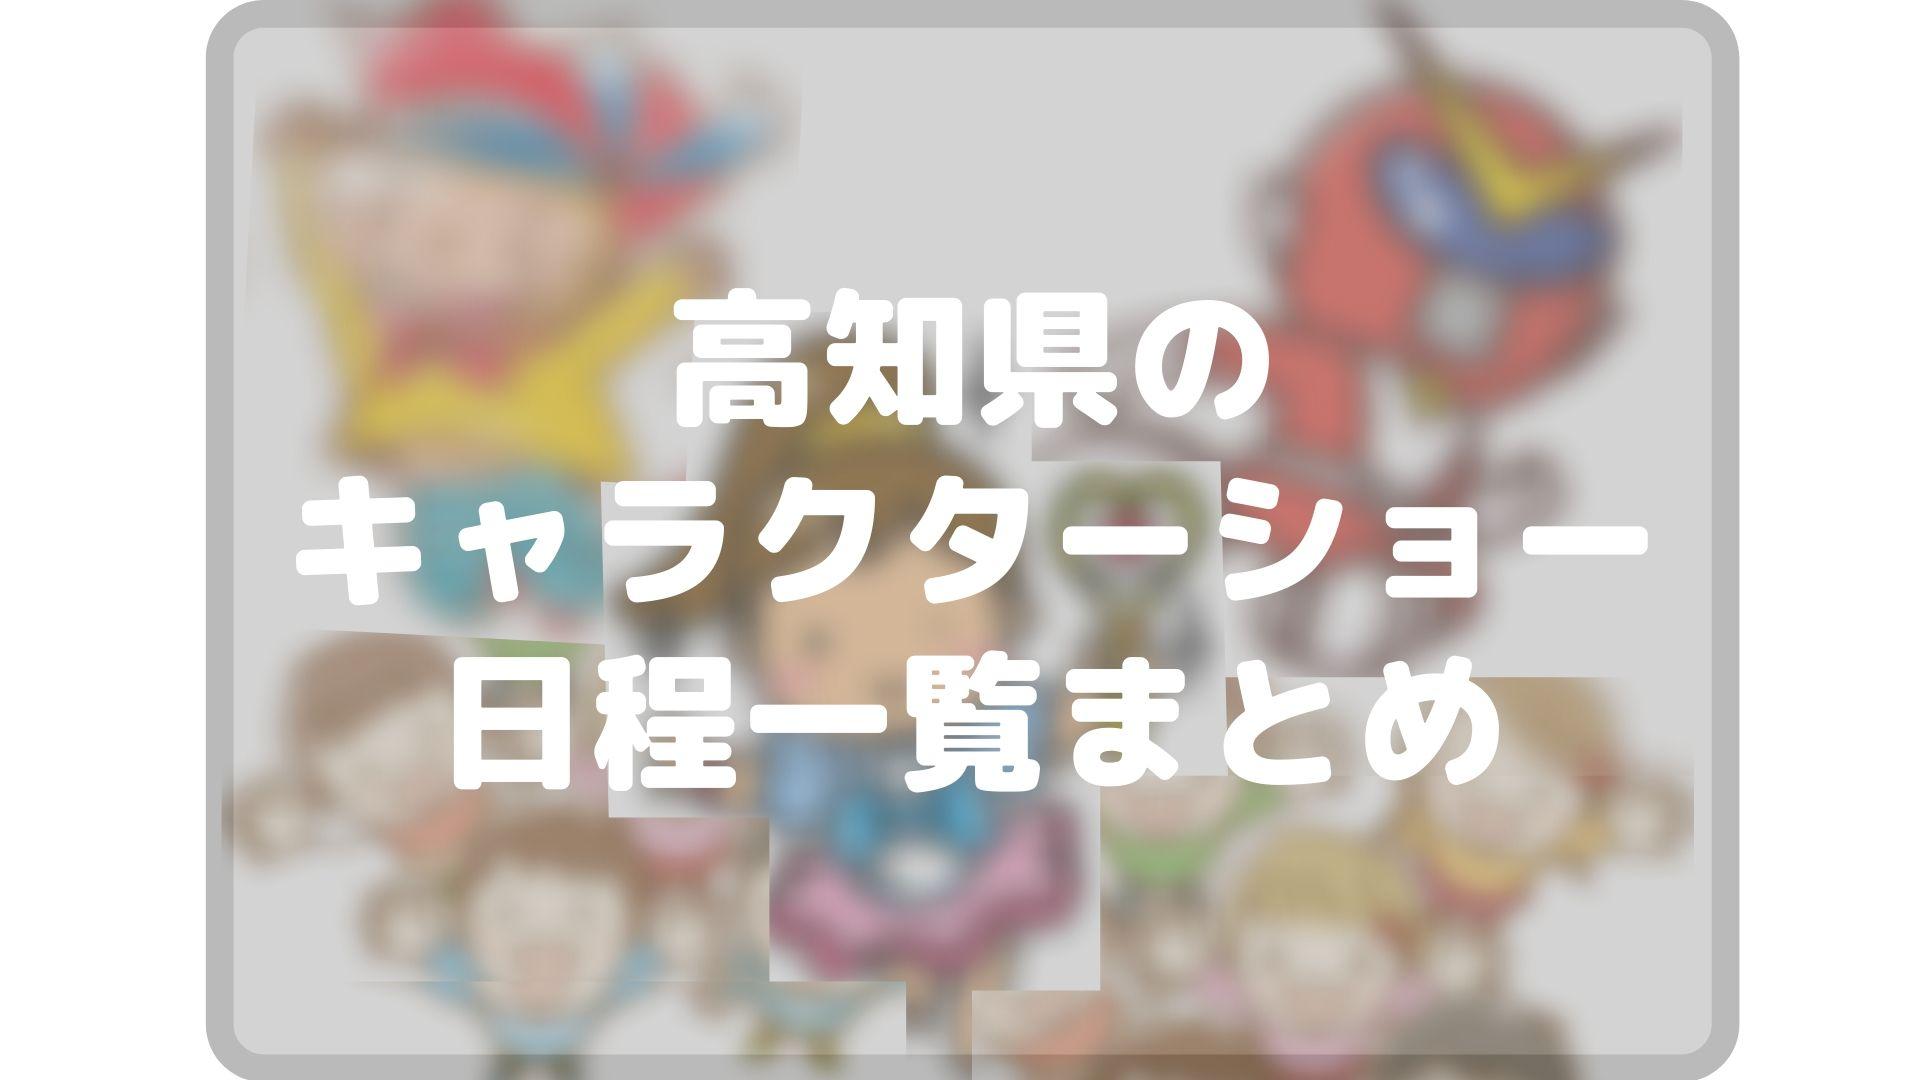 高知県のキャラクターショーまとめタイトル画像